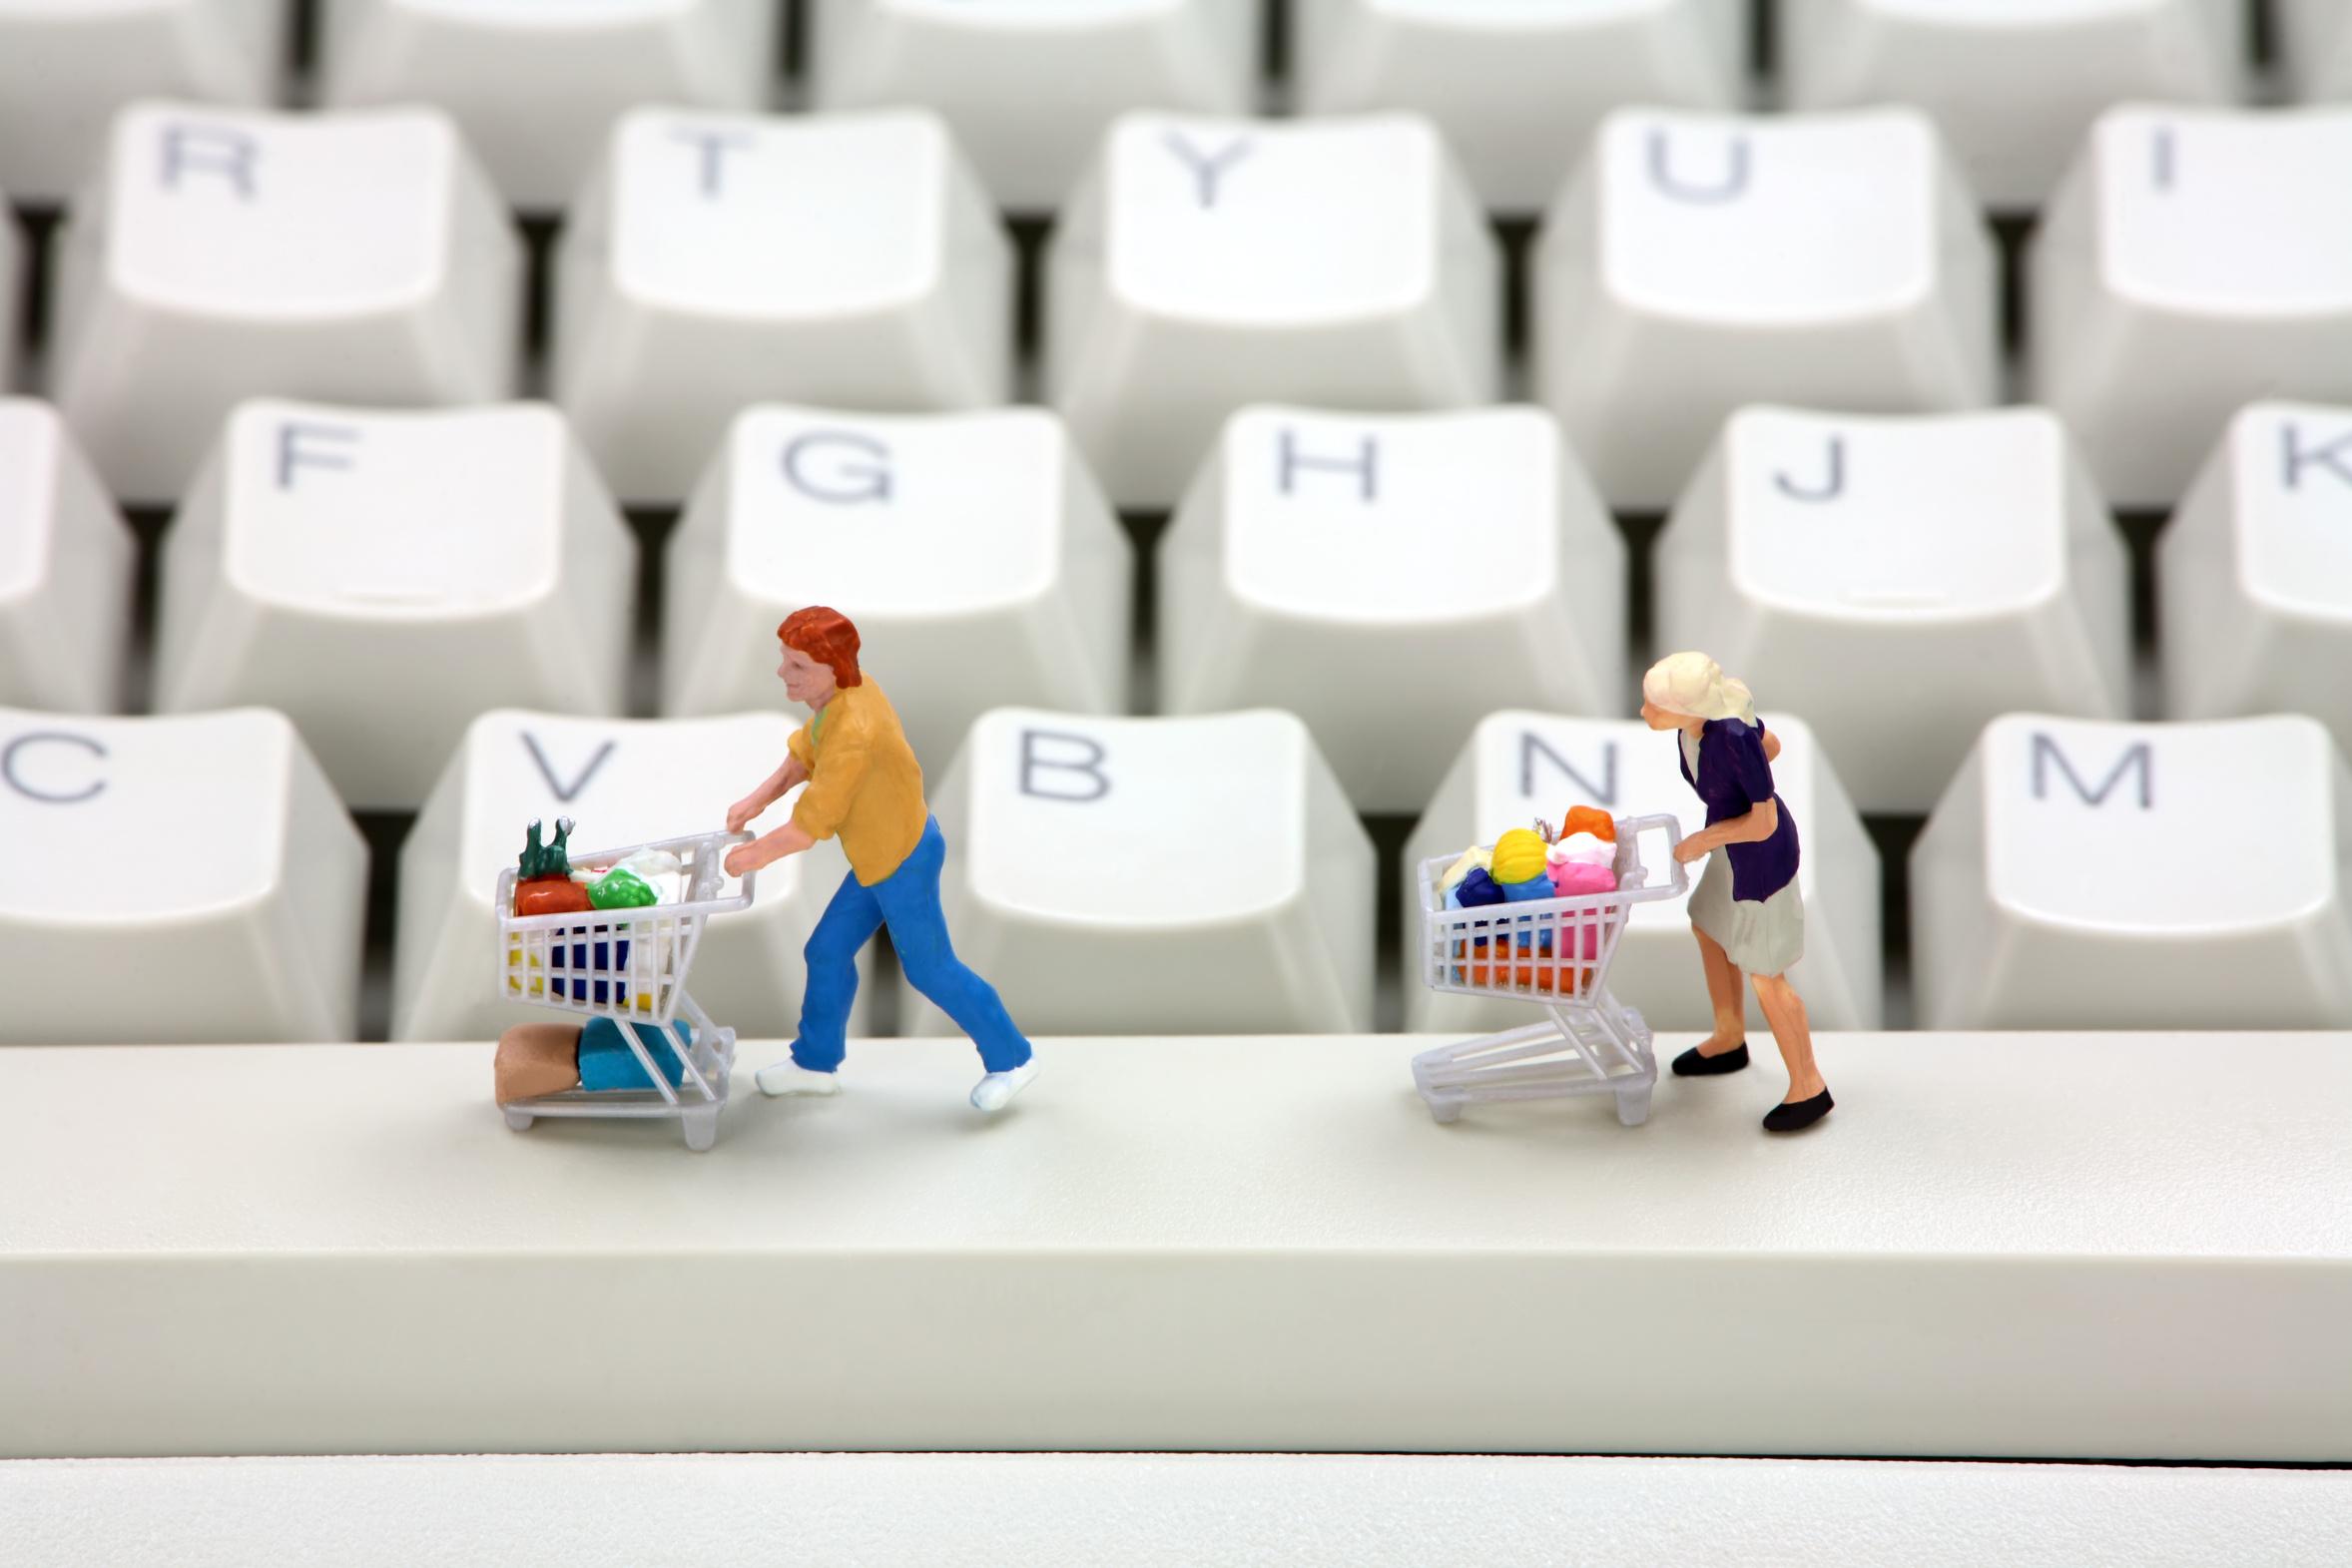 Интернет продажи смешные картинки, картинки итальянской надписью